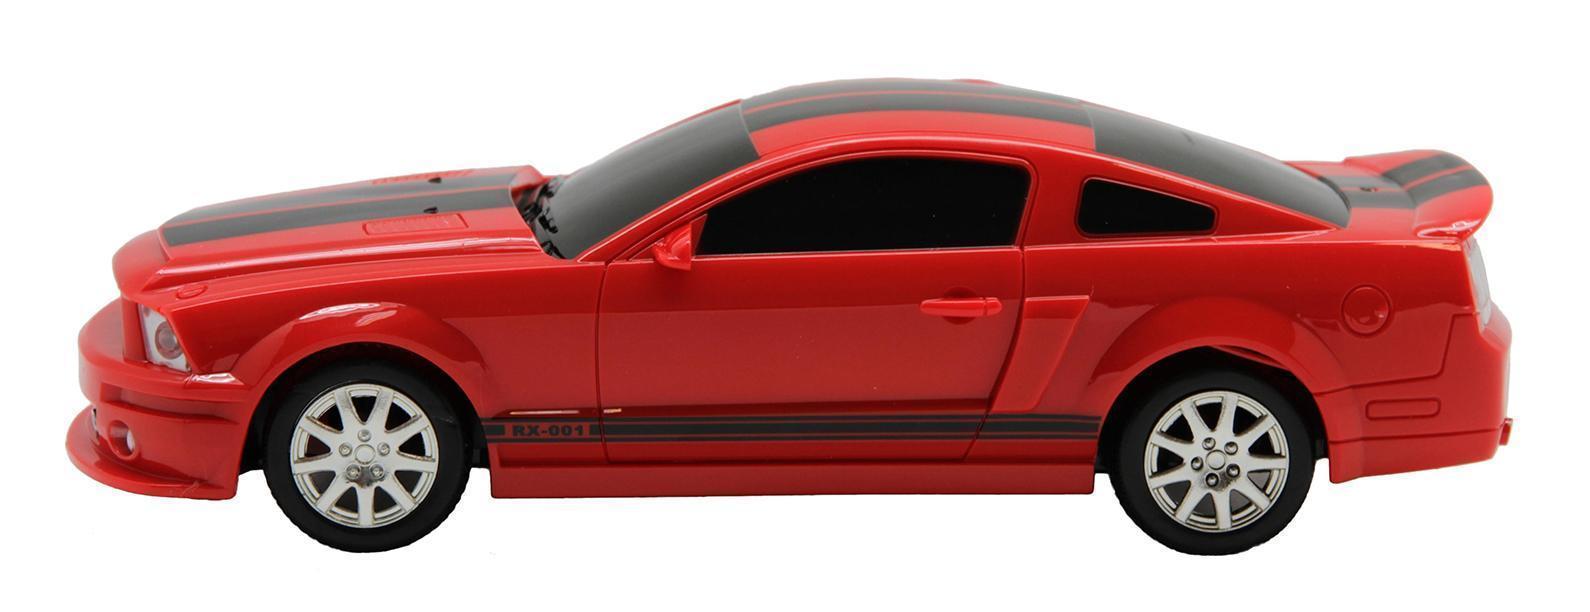 """Радиоуправляемая машина """"Balbi"""" привлечет внимание не только ребенка, но и взрослого. Модель отличается оригинальным исполнением и функциональностью. Дизайн машины представляет собой уменьшенную версию автомобиля в масштабе 1:20. Игрушка выполнена из ударопрочного пластика красно-черного цвета, которому не страшны столкновения. Благодаря резиновым шинам машина может ездить по любой ровной поверхности. Такая машина может двигаться вперед, назад, вправо, влево и демонстрирует устойчивость и плавность перемещения. При движении вперед машина освещает дорогу светодиодными огнями."""